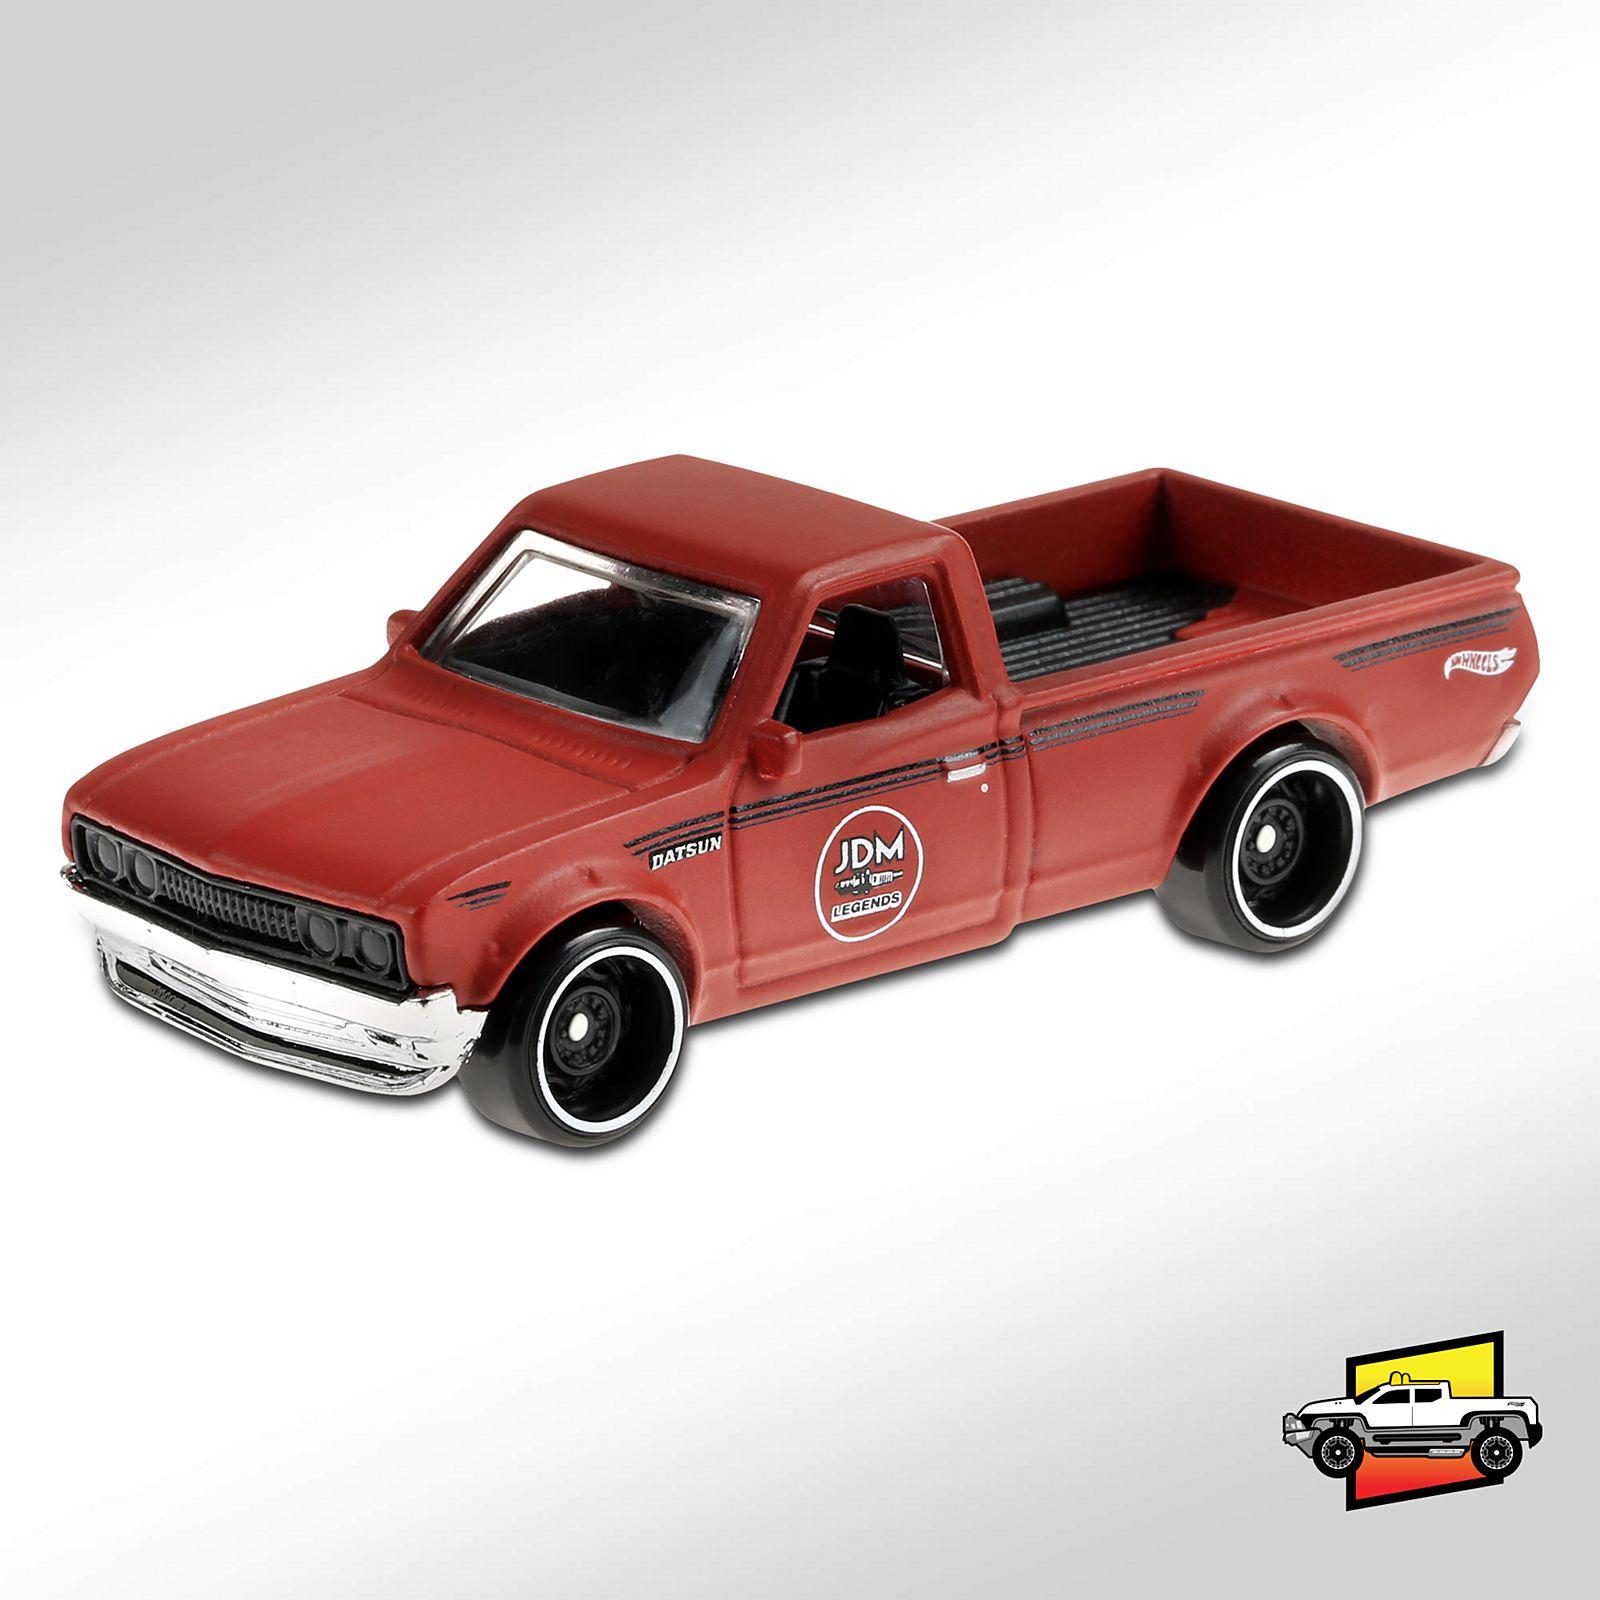 Carrinho Hot Wheels Datsun 620 (699NP) Hot Hot Trucks - Mattel